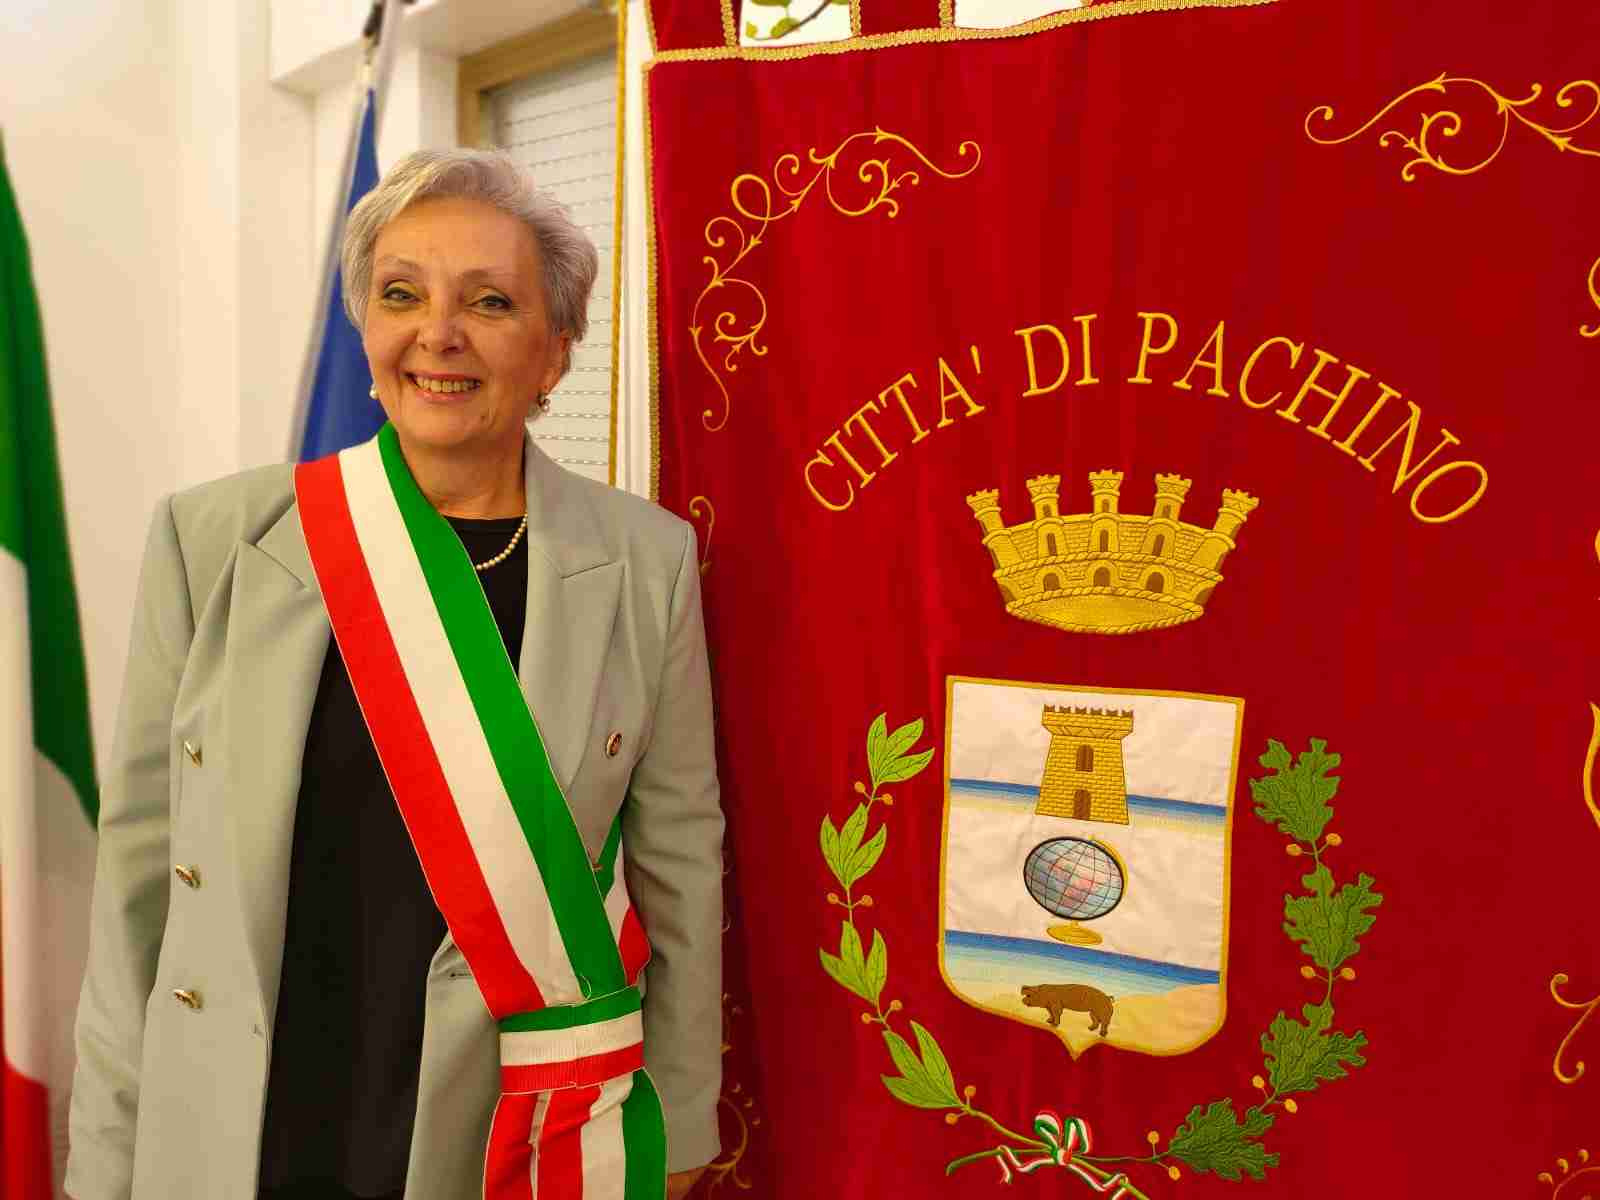 La professoressa Carmela Petralito proclamata sindaco di Pachino